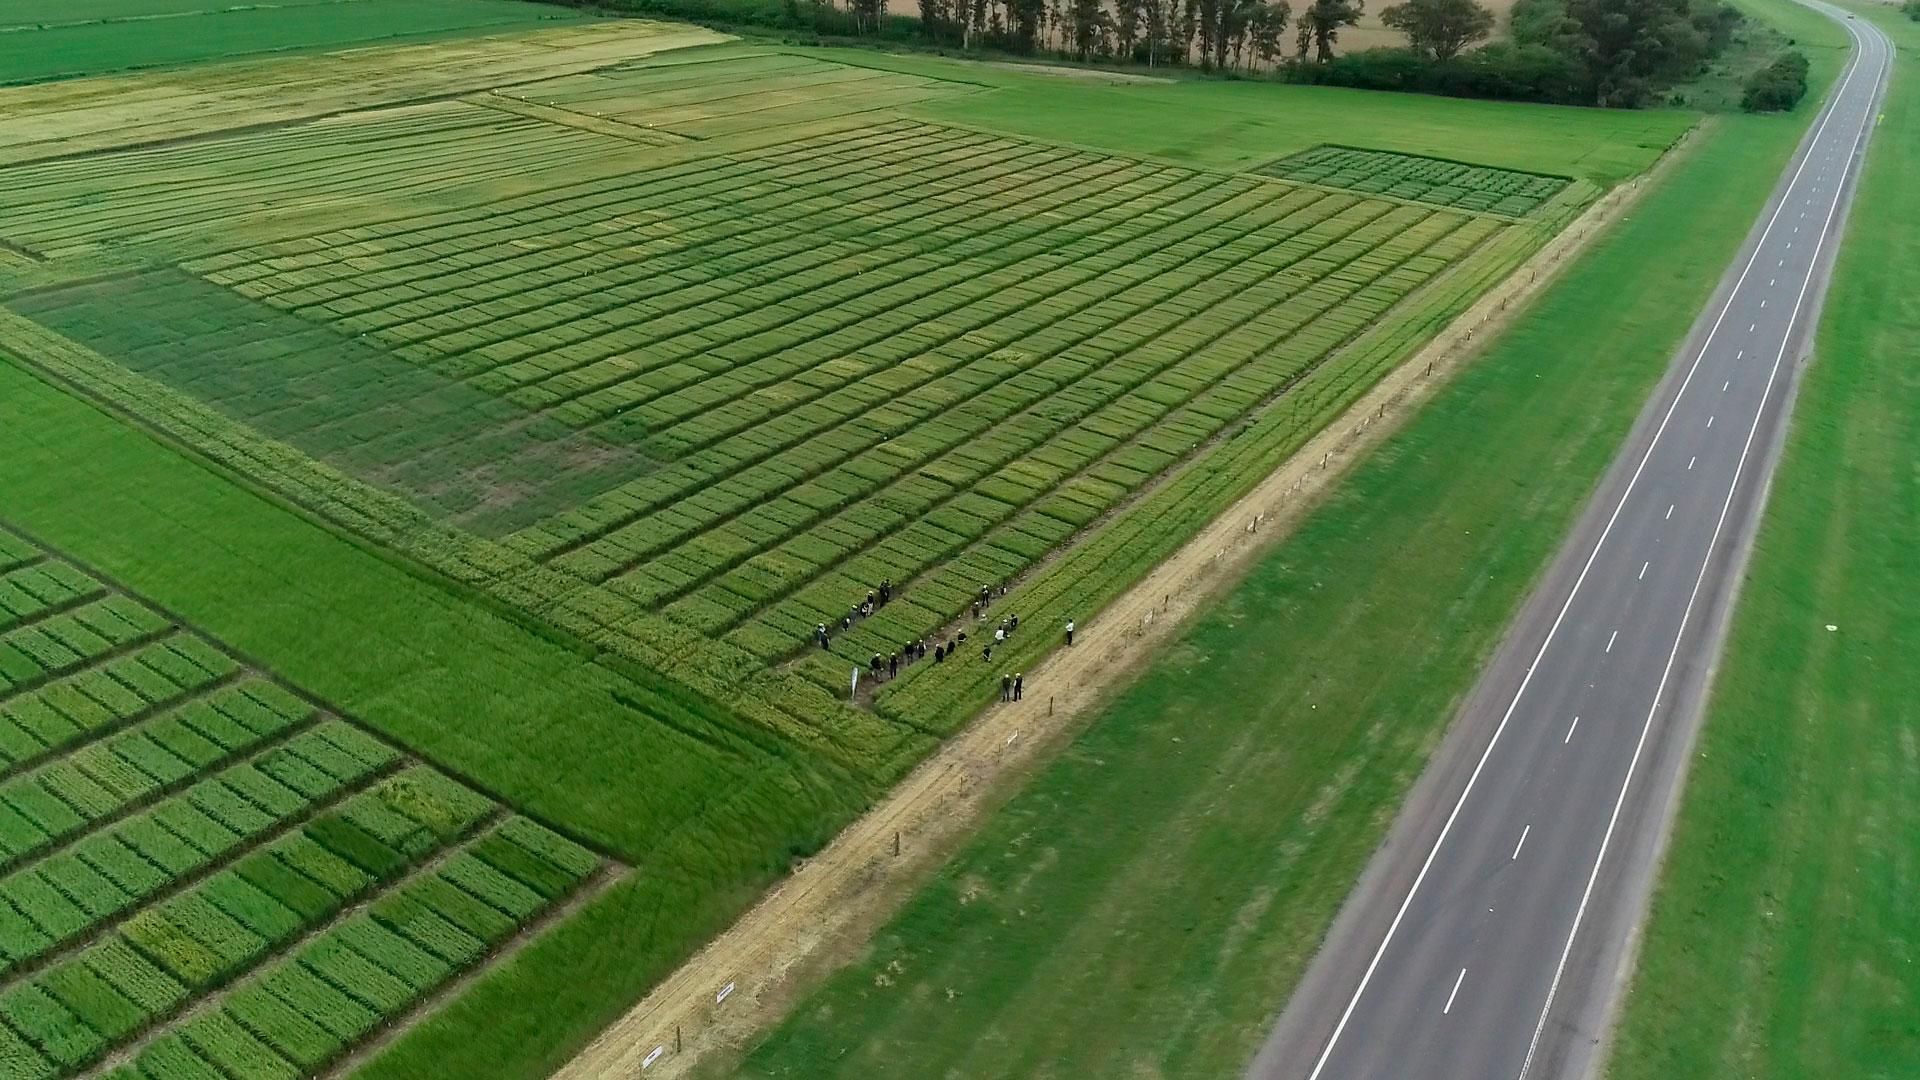 Jornada de campo 2020, Nuevos cultivares de cebada